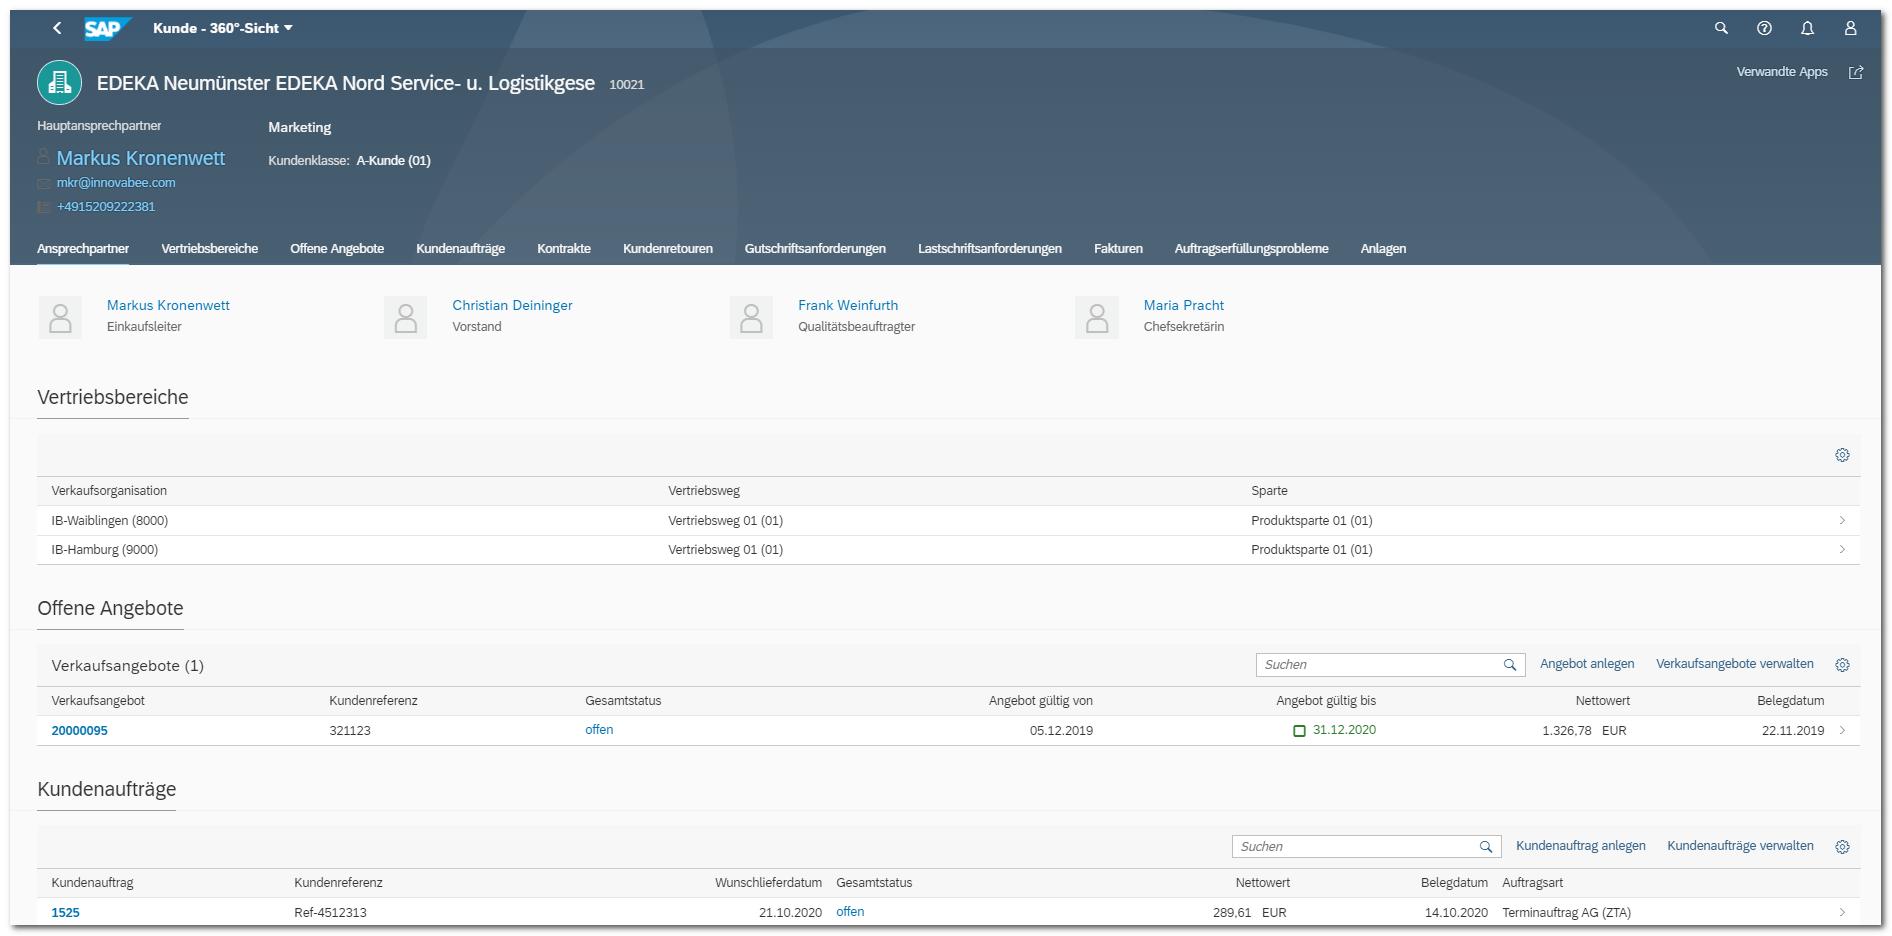 Blog Screen Sales 360 Grad Highlights S4HANA - Die besten Apps aus 5 Jahren SAP S/4HANA – Vertrieb